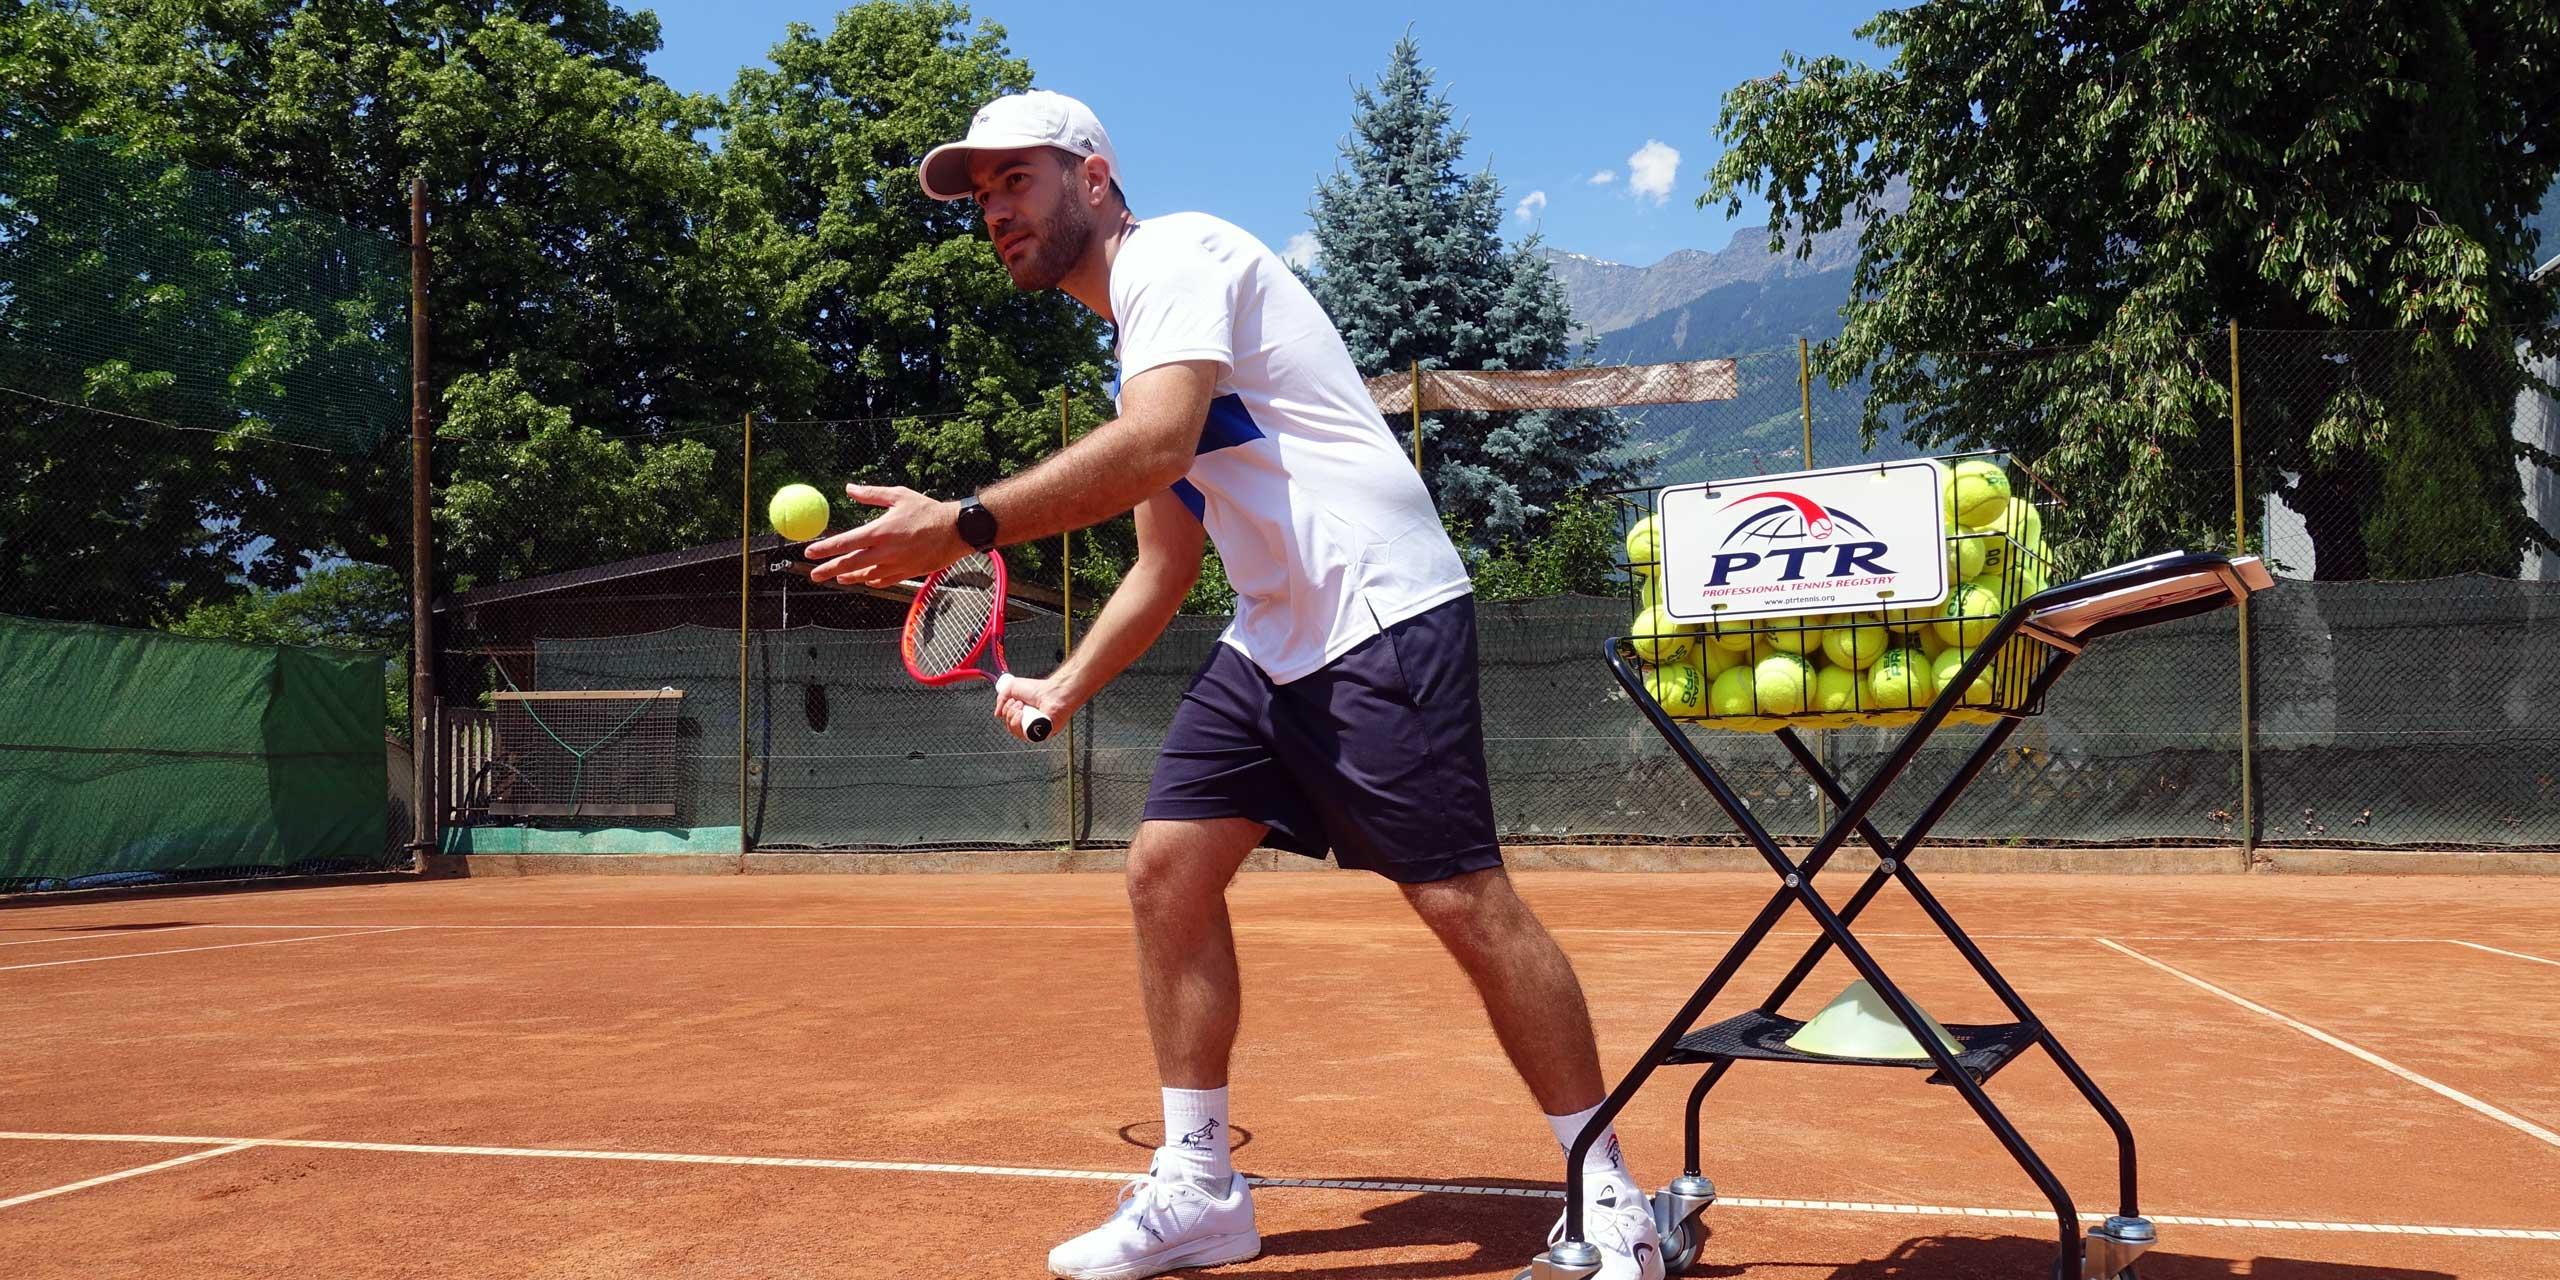 PTR ITALIA | Associazione di insegnanti di tennis | We make a